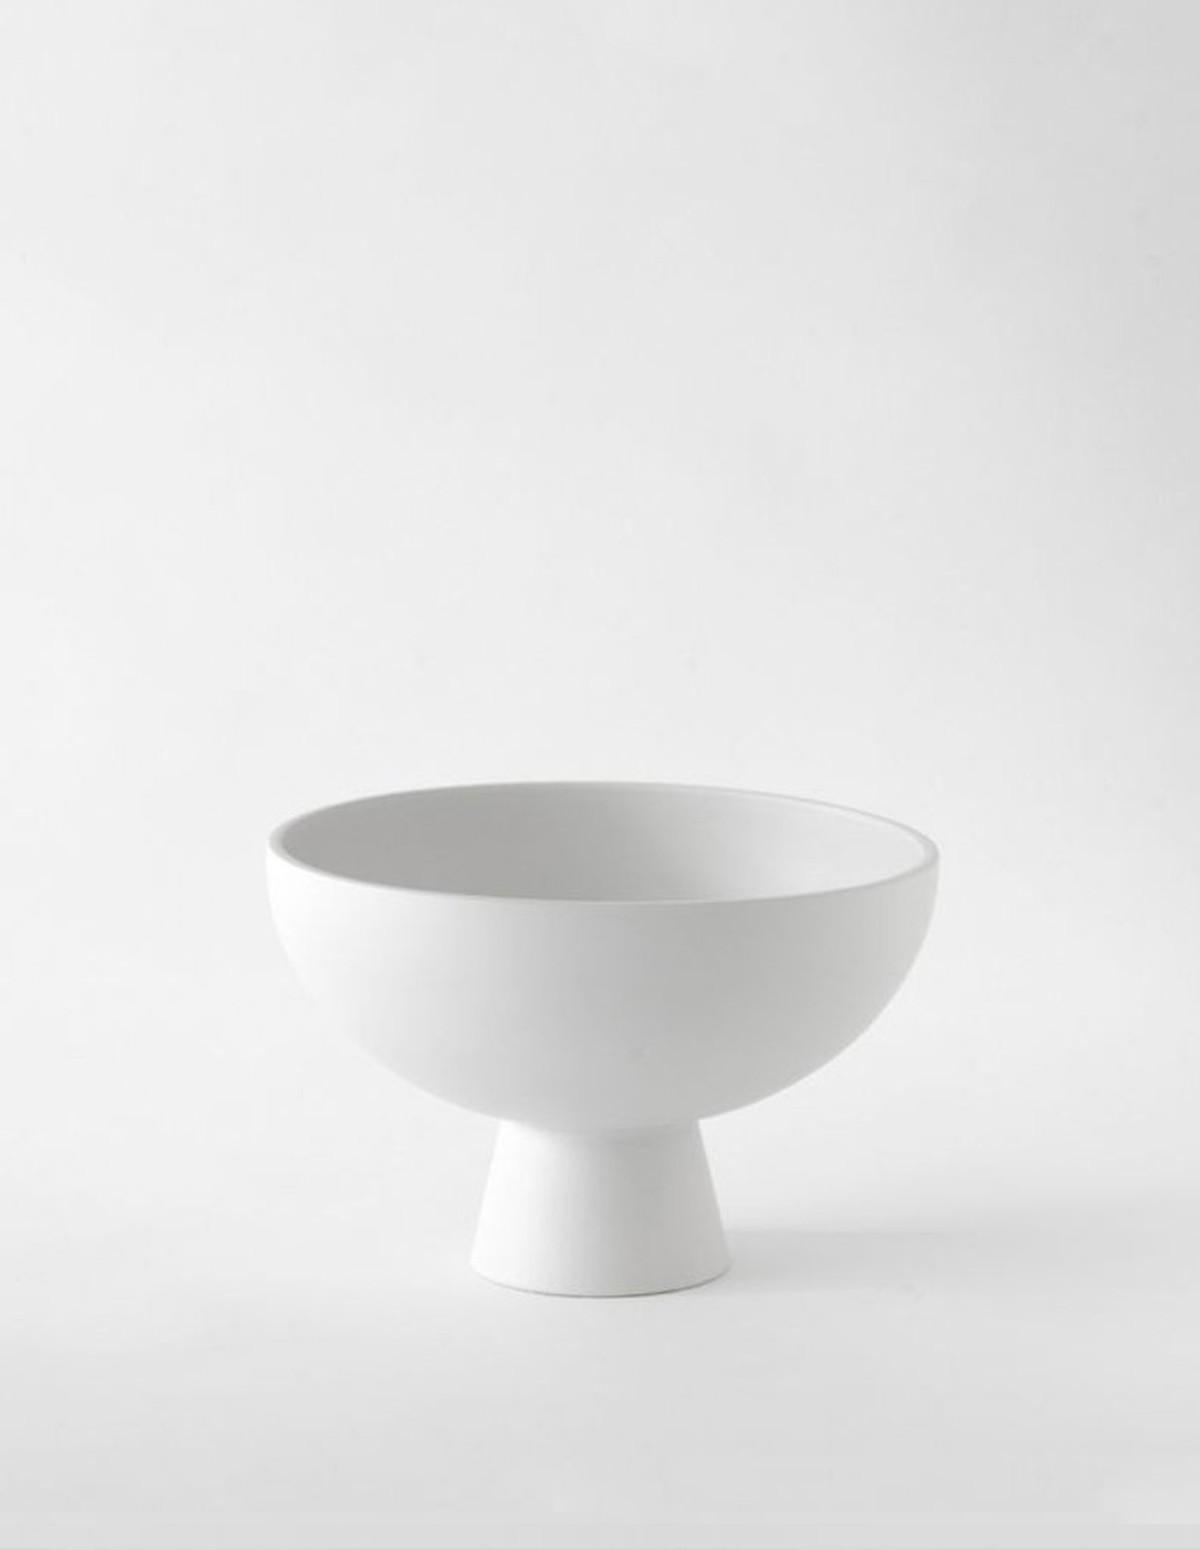 Raawii Meduim Bowl - VAPOROUS GREY